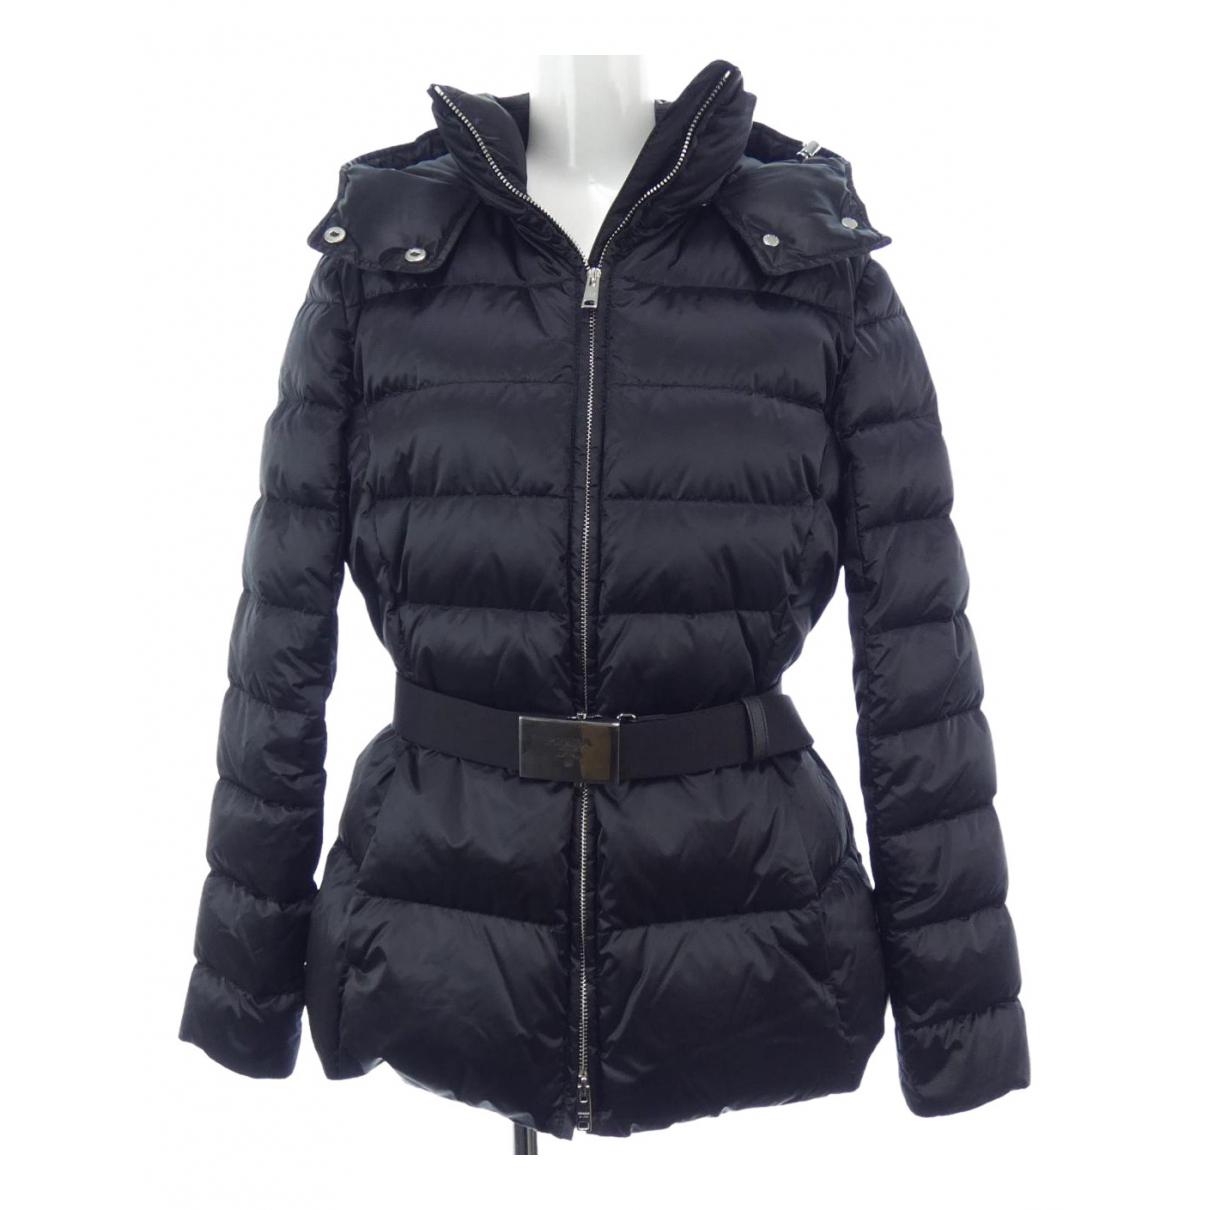 Prada \N Black coat for Women 42 IT